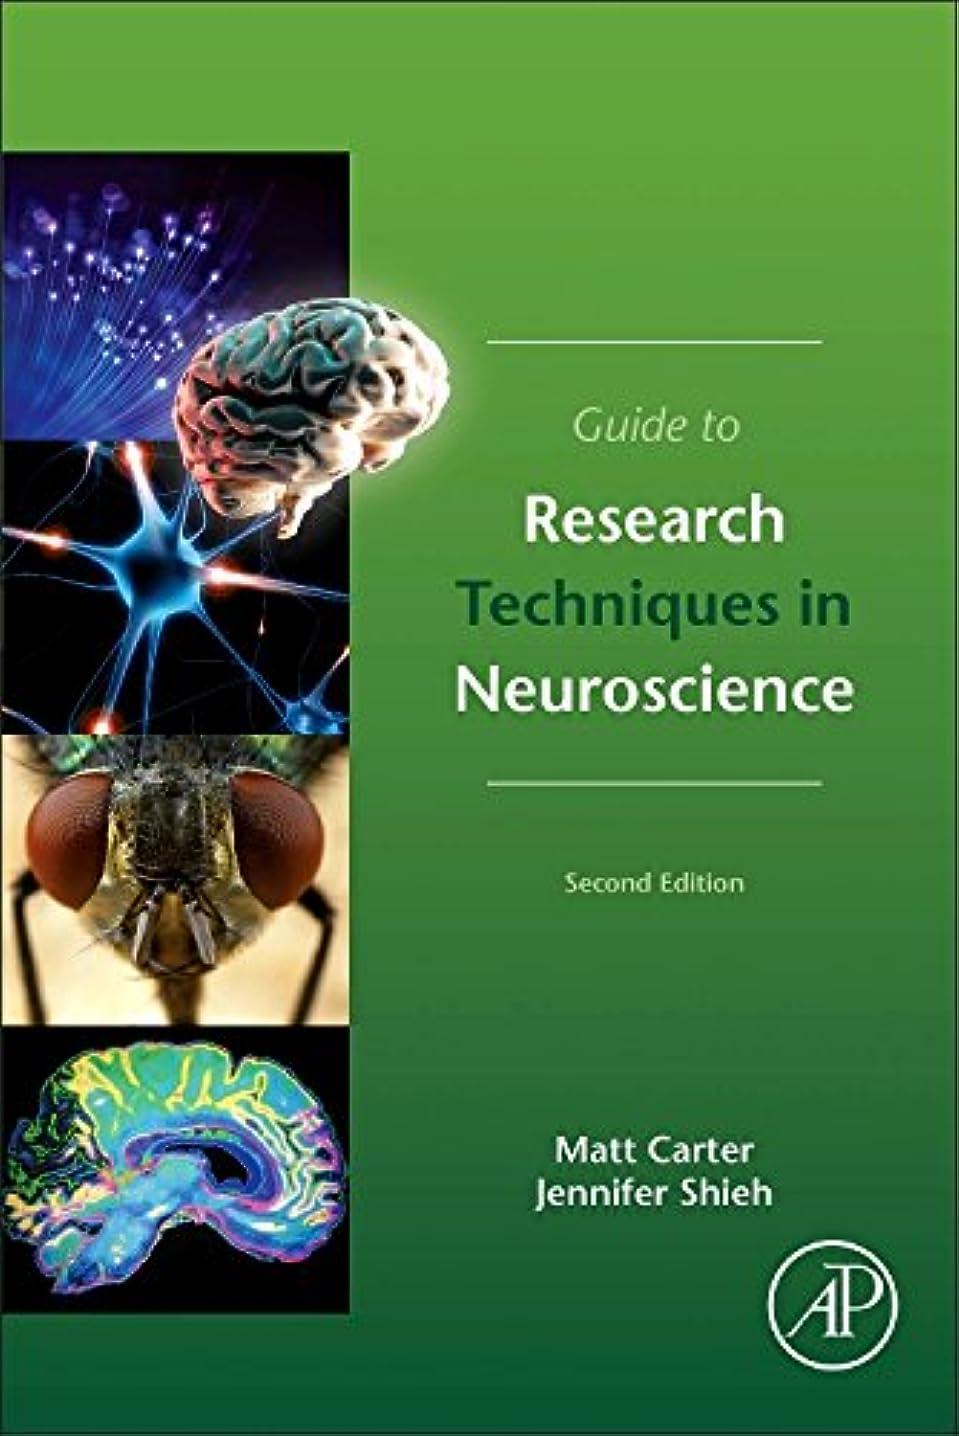 ヒューバートハドソンシチリア塊Guide to Research Techniques in Neuroscience, Second Edition